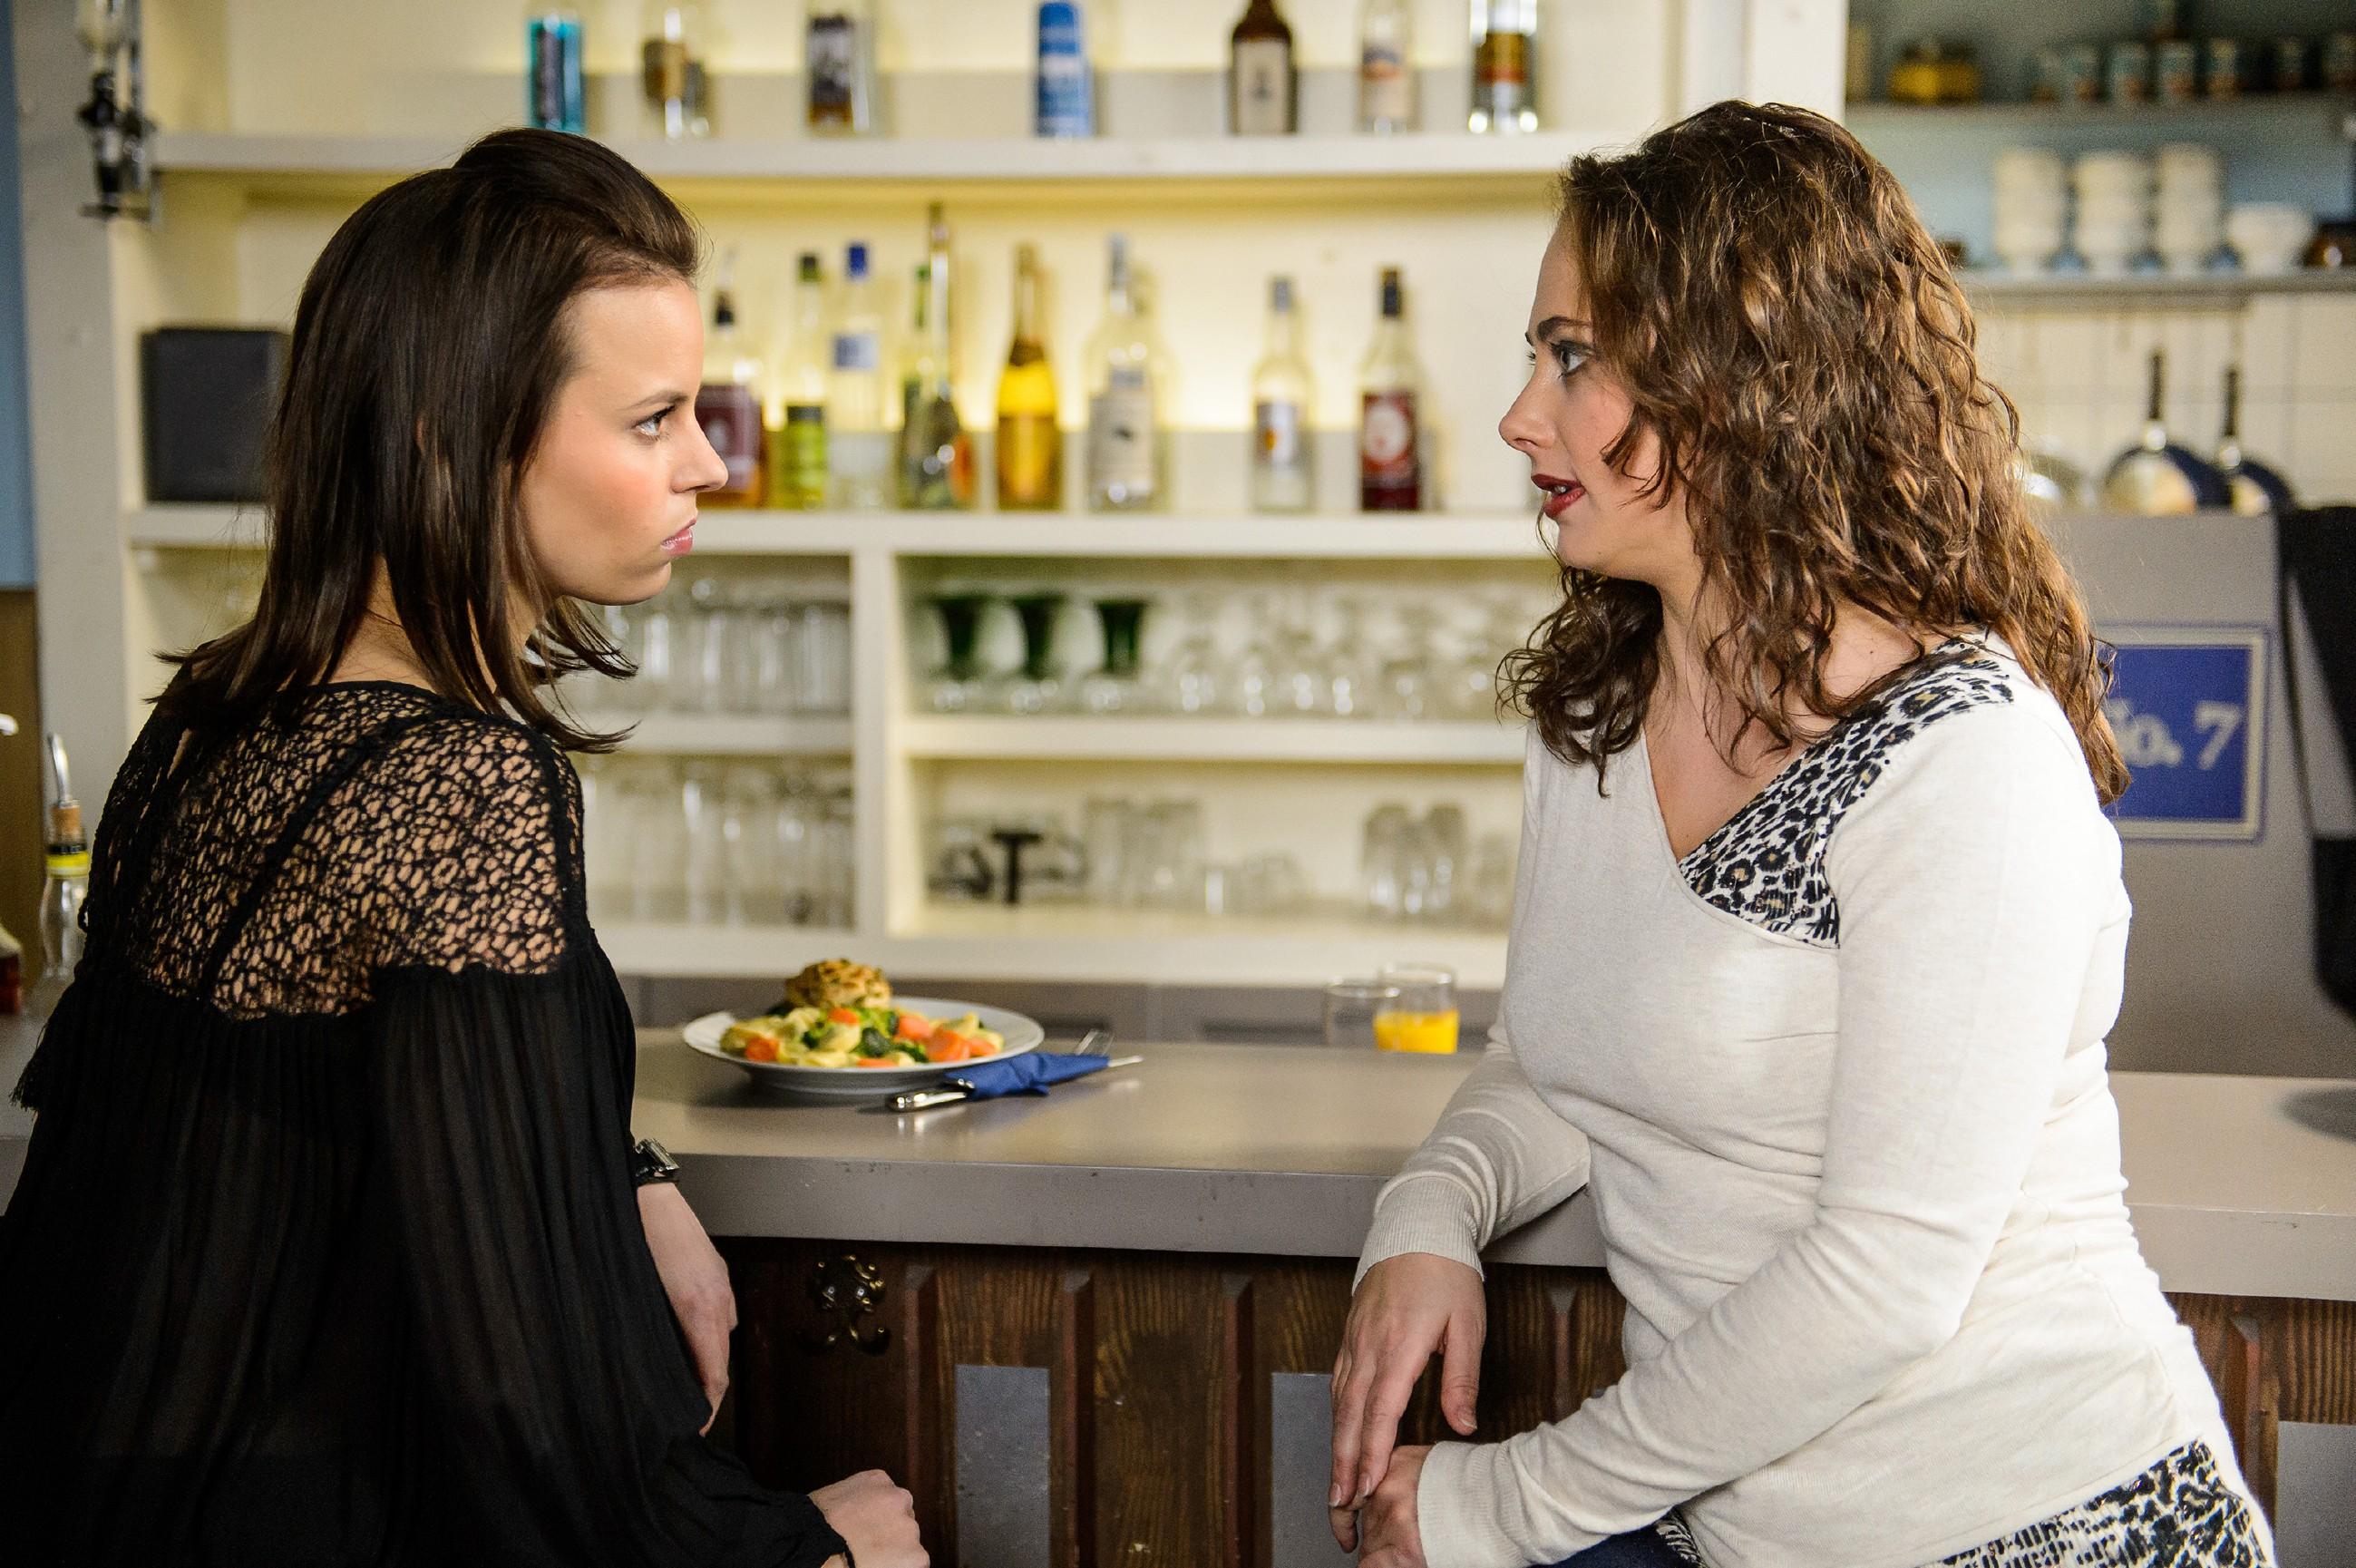 Carmen (Heike Warmuth, r.) verspricht Michelle (Franziska Benz) betroffen, dass sie die Wogen mit Simone glätten wird. (Quelle: RTL / Willi Weber)